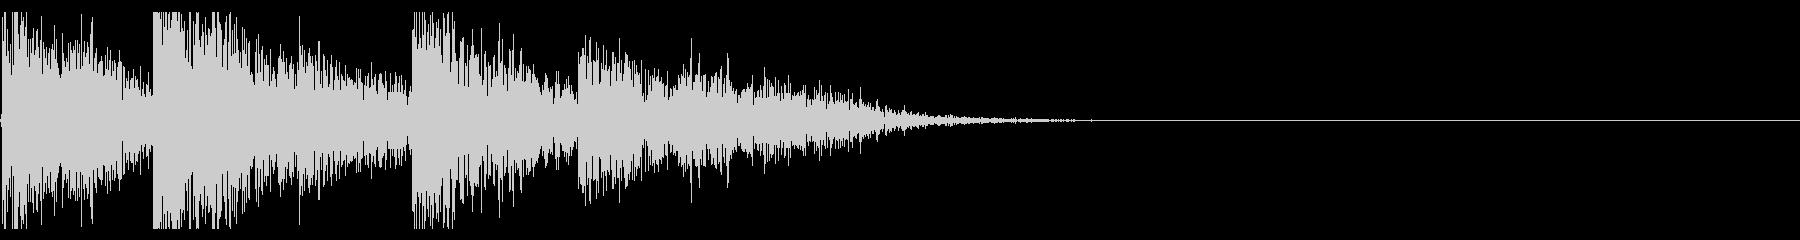 【生録音】ブリキのバケツの音 学校 4の未再生の波形